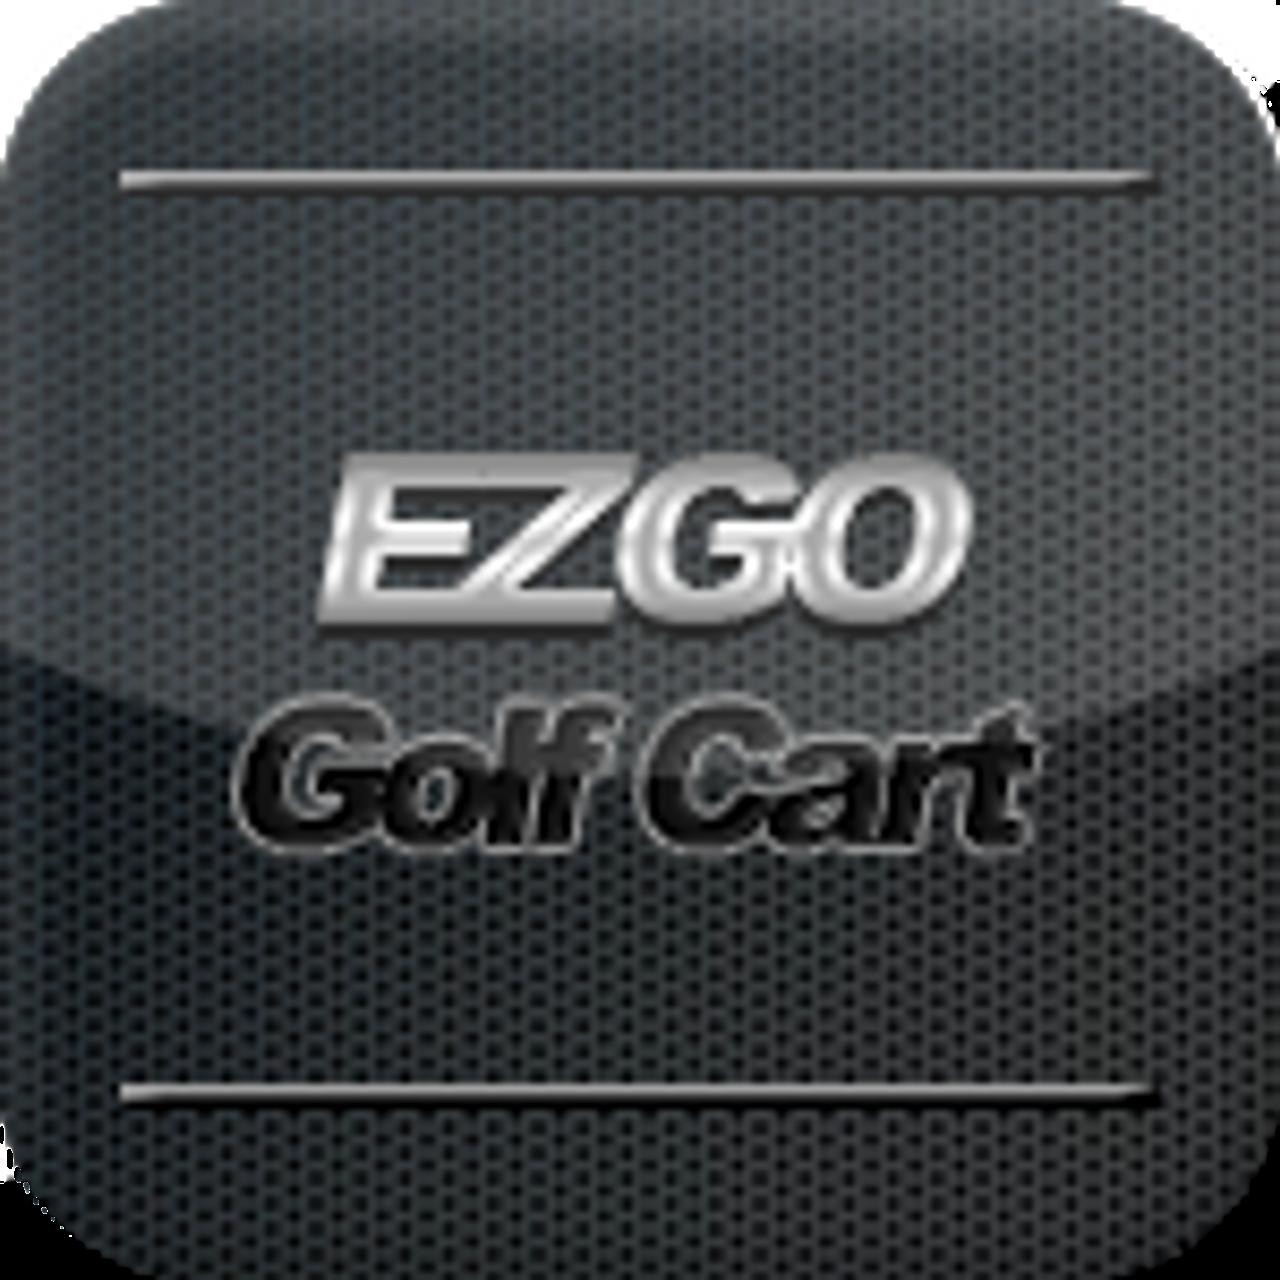 EZGO Carburetors